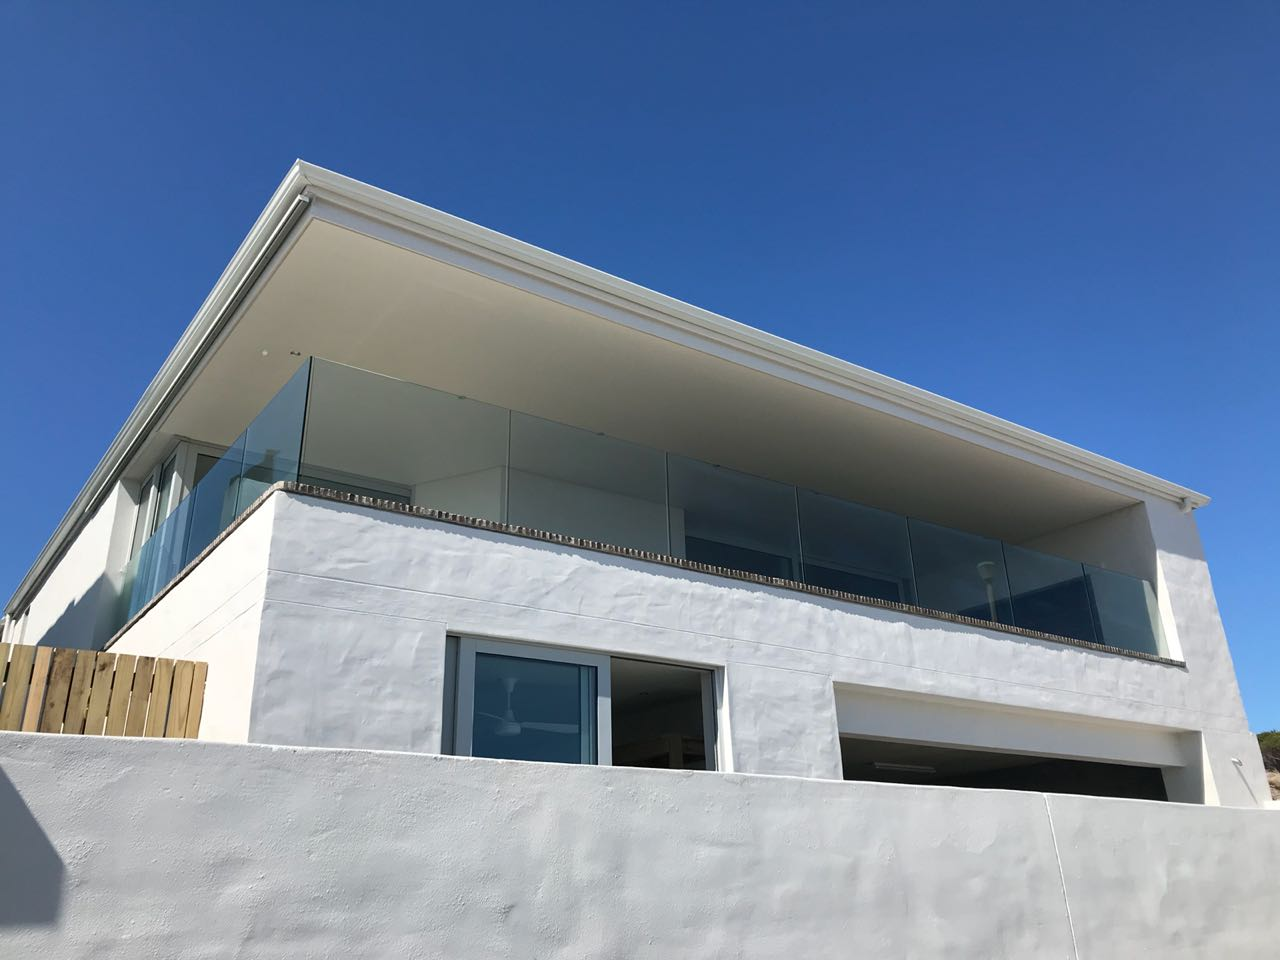 Beach House 02 Cillie Malan.JPG